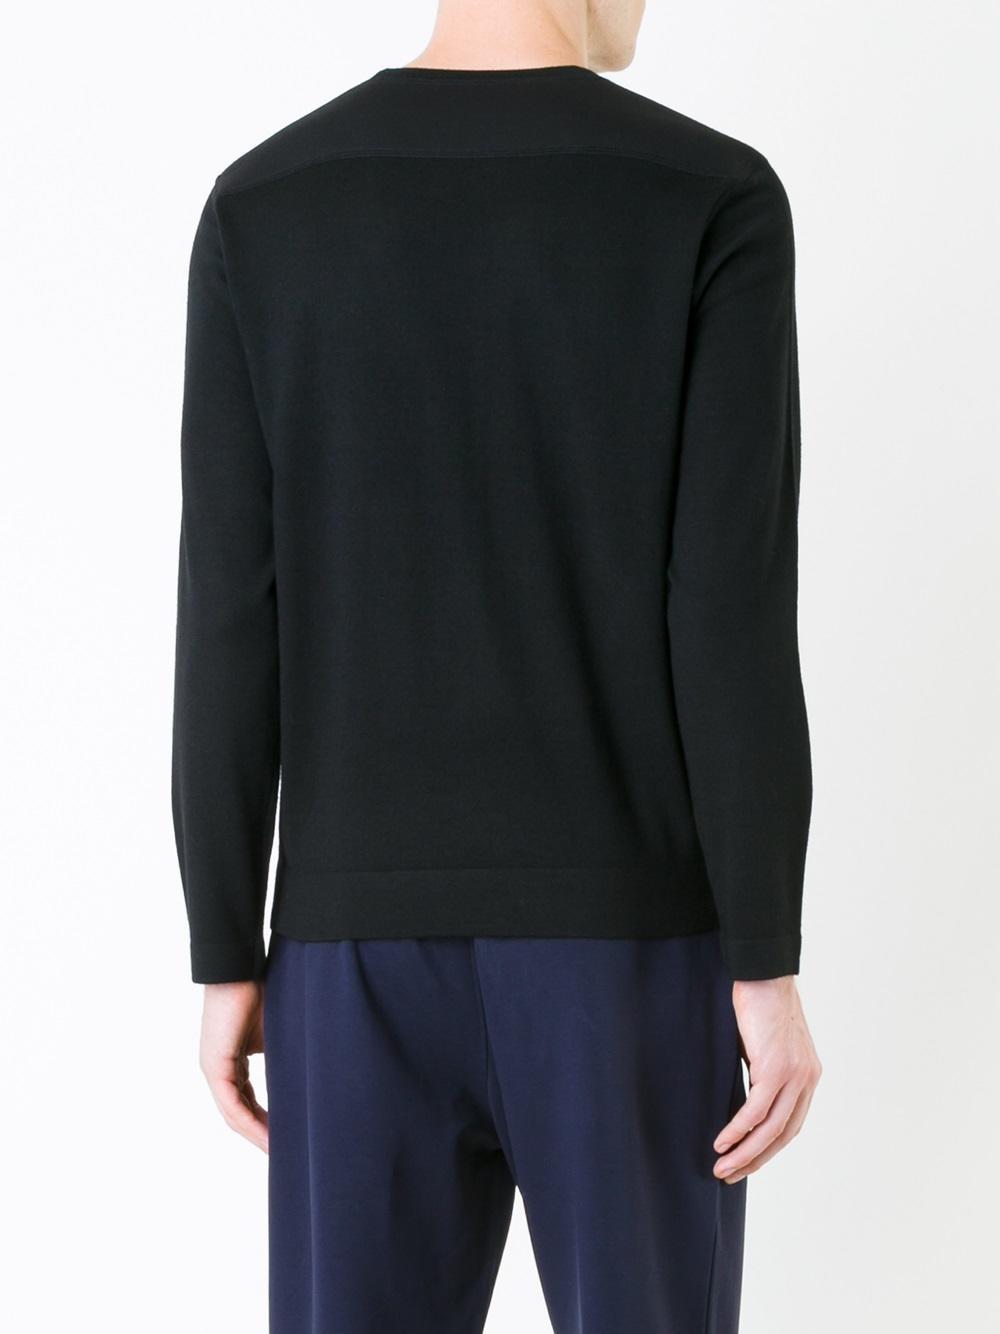 Kent & Curwen Synthetic Bonded Knit Shoulder Jumper in Black for Men